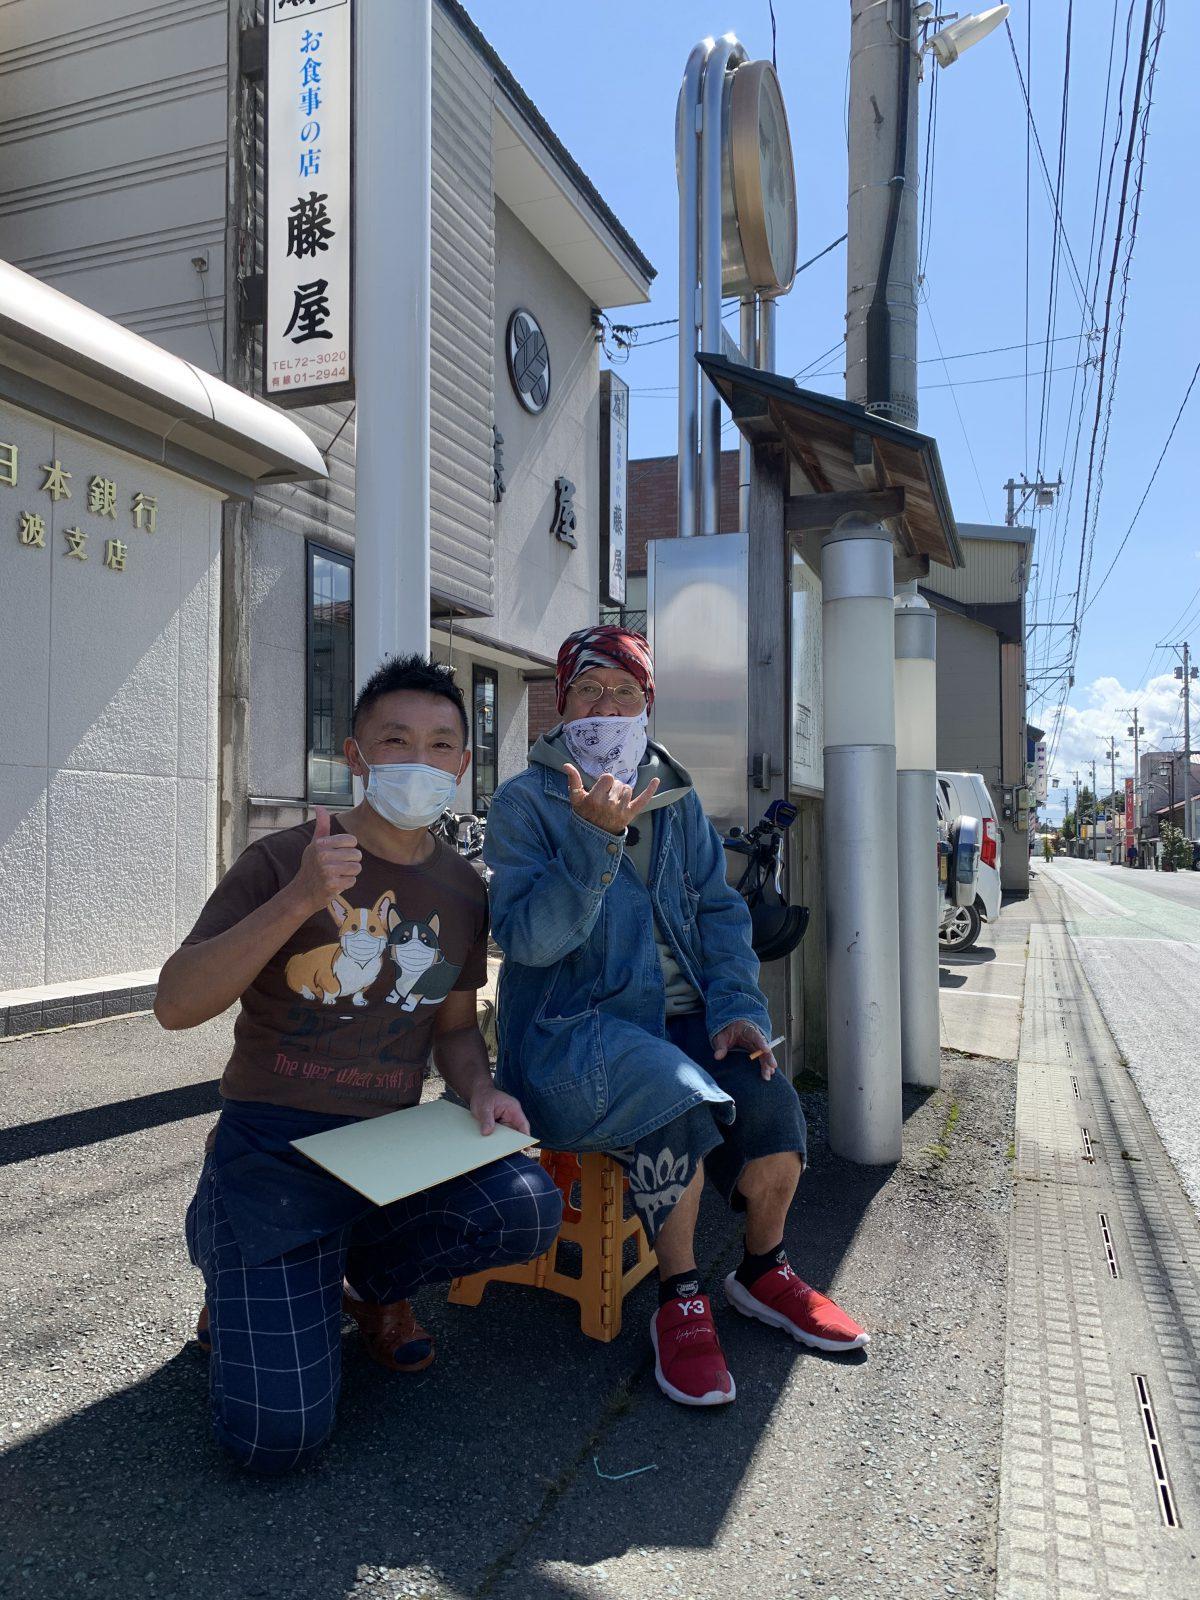 9月28日 火野正平さんが来店🚲✨✨